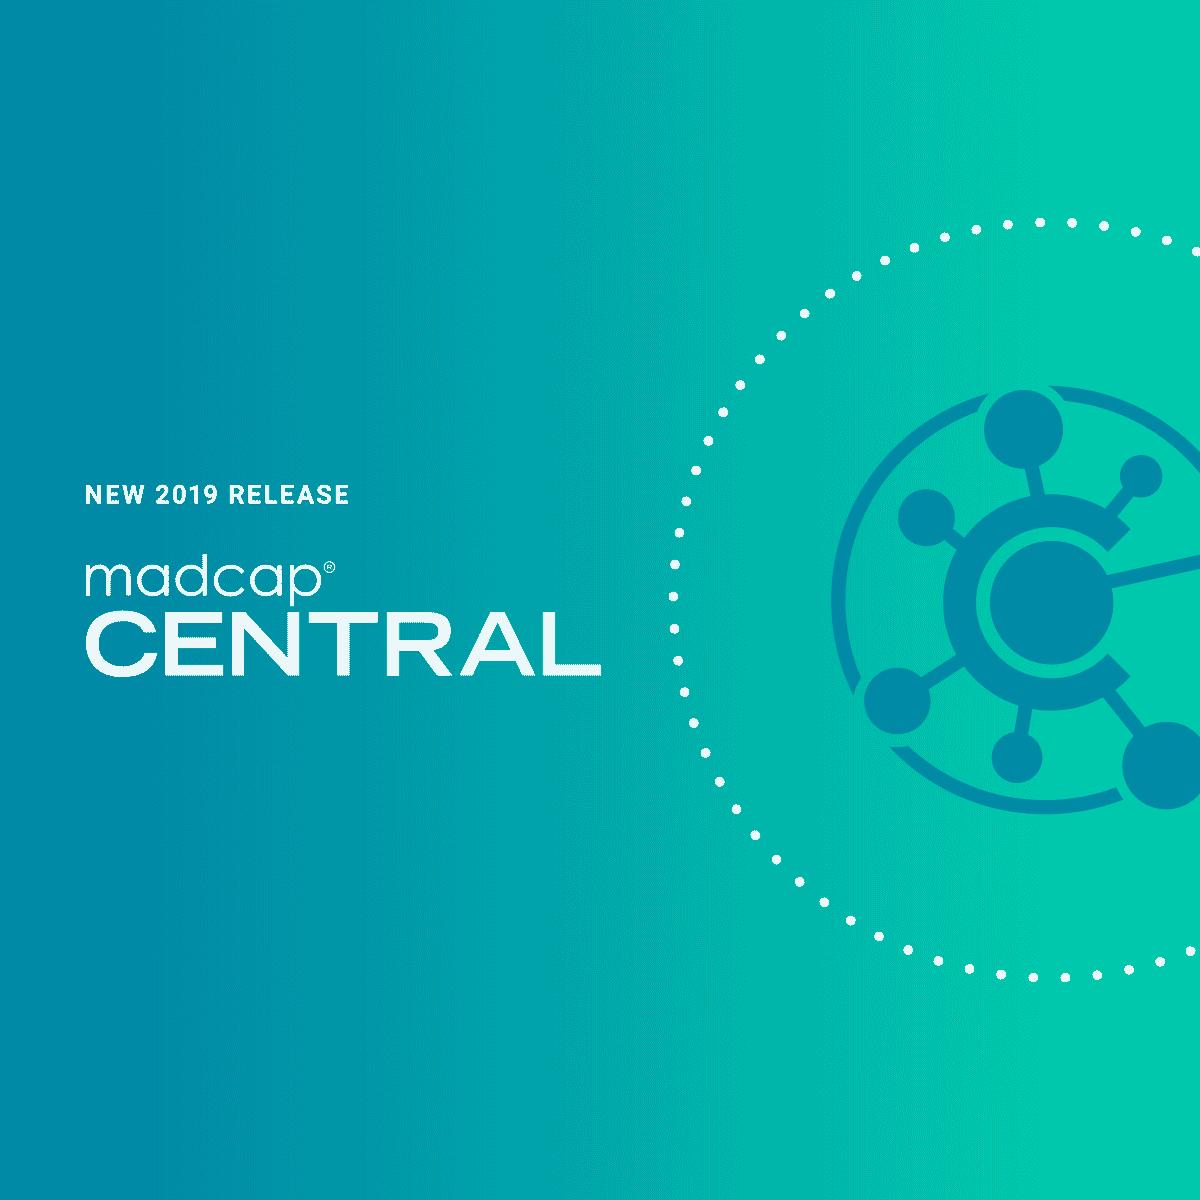 madcap central april 2019 release